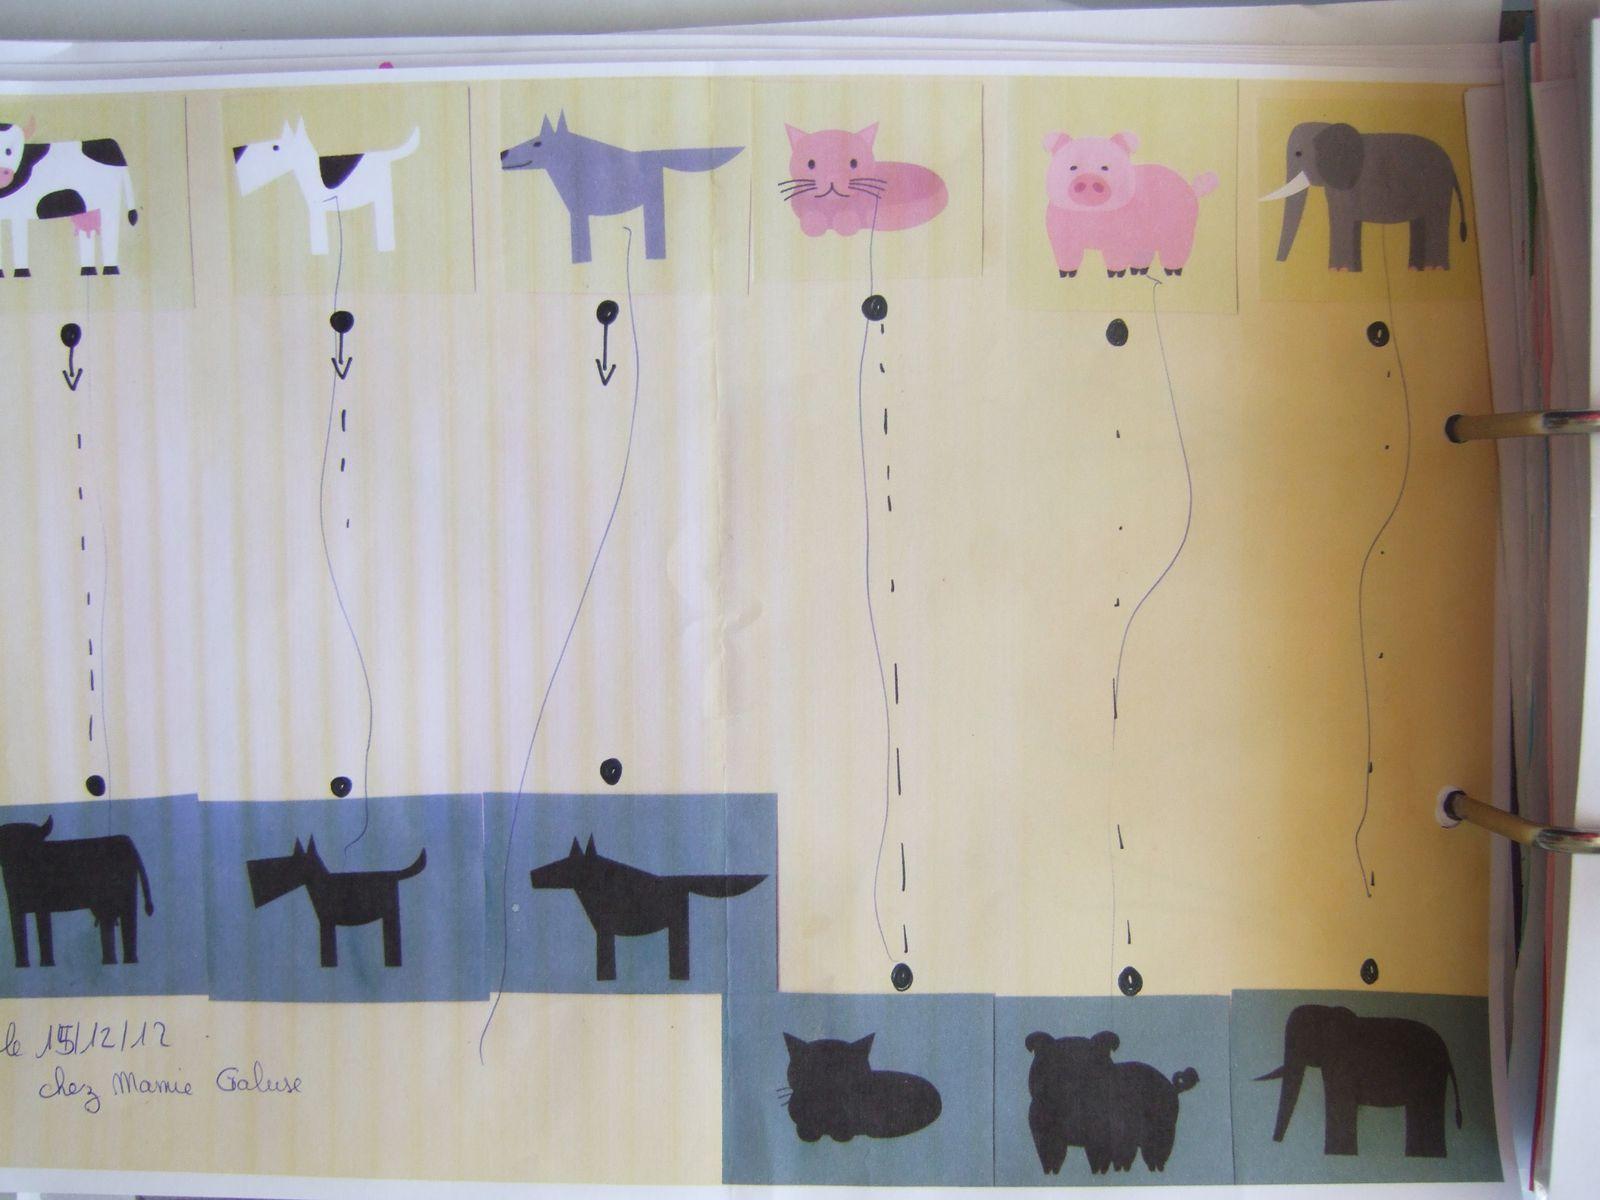 Fiches d'activités,traits horizontaux ou verticaux, relier l'animal à sa maison, relier les ombres.